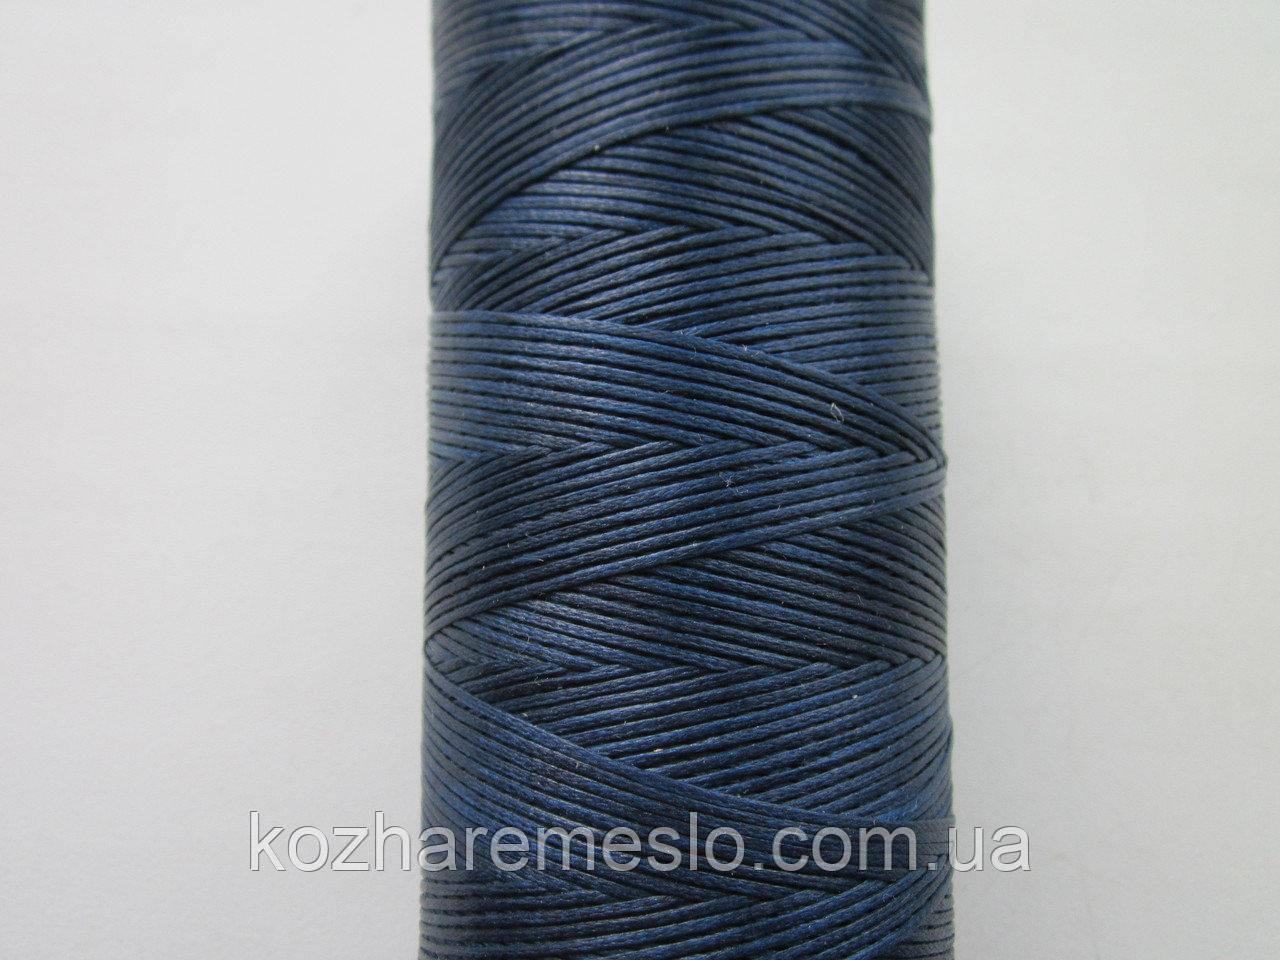 Нить вощёная плоская 0,8 мм тёмно - синяя